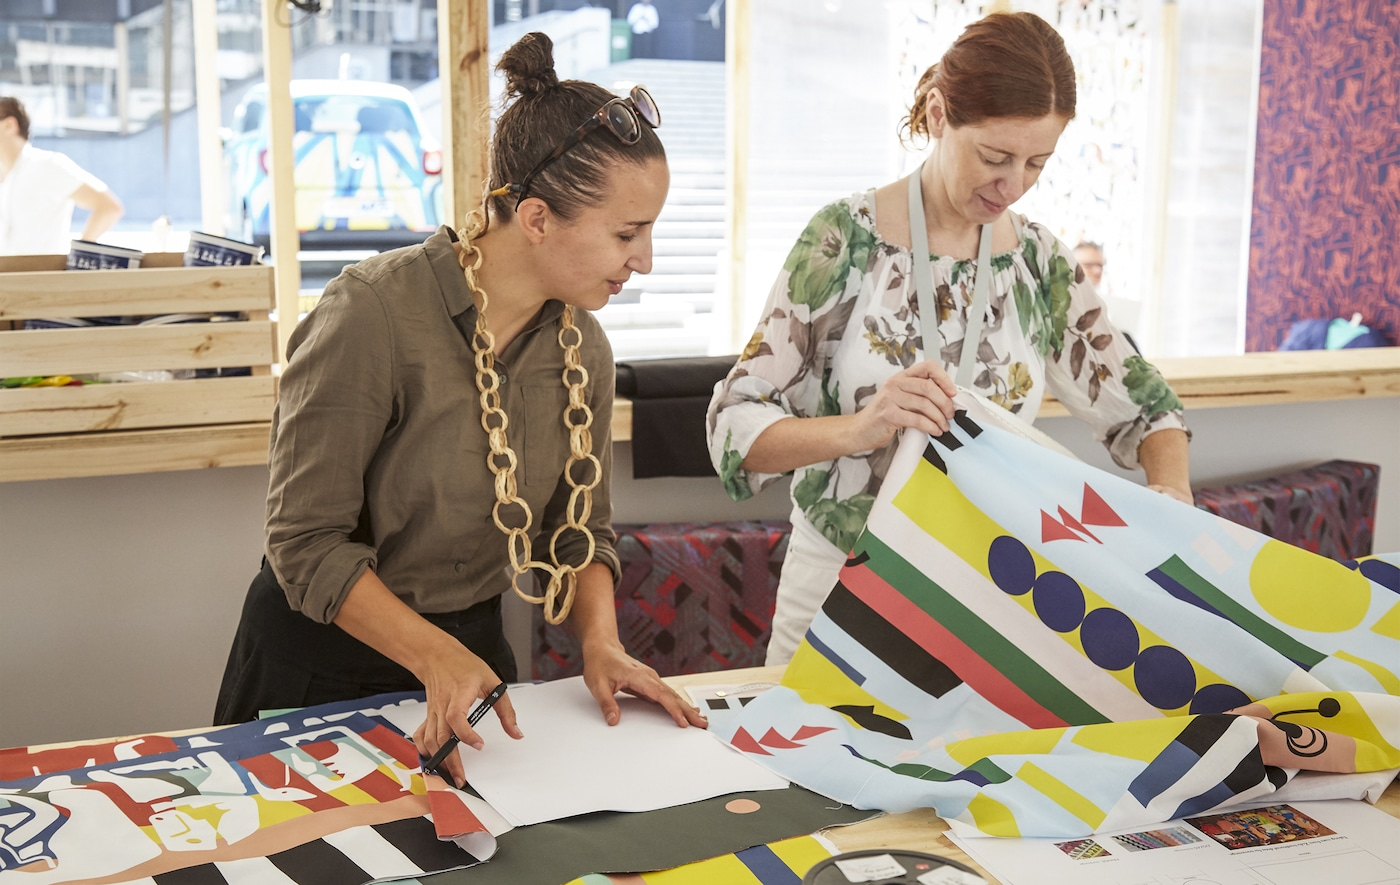 Johanna Jelinek et Renée Rossouw en train de travailler sur des idées avec des textiles.